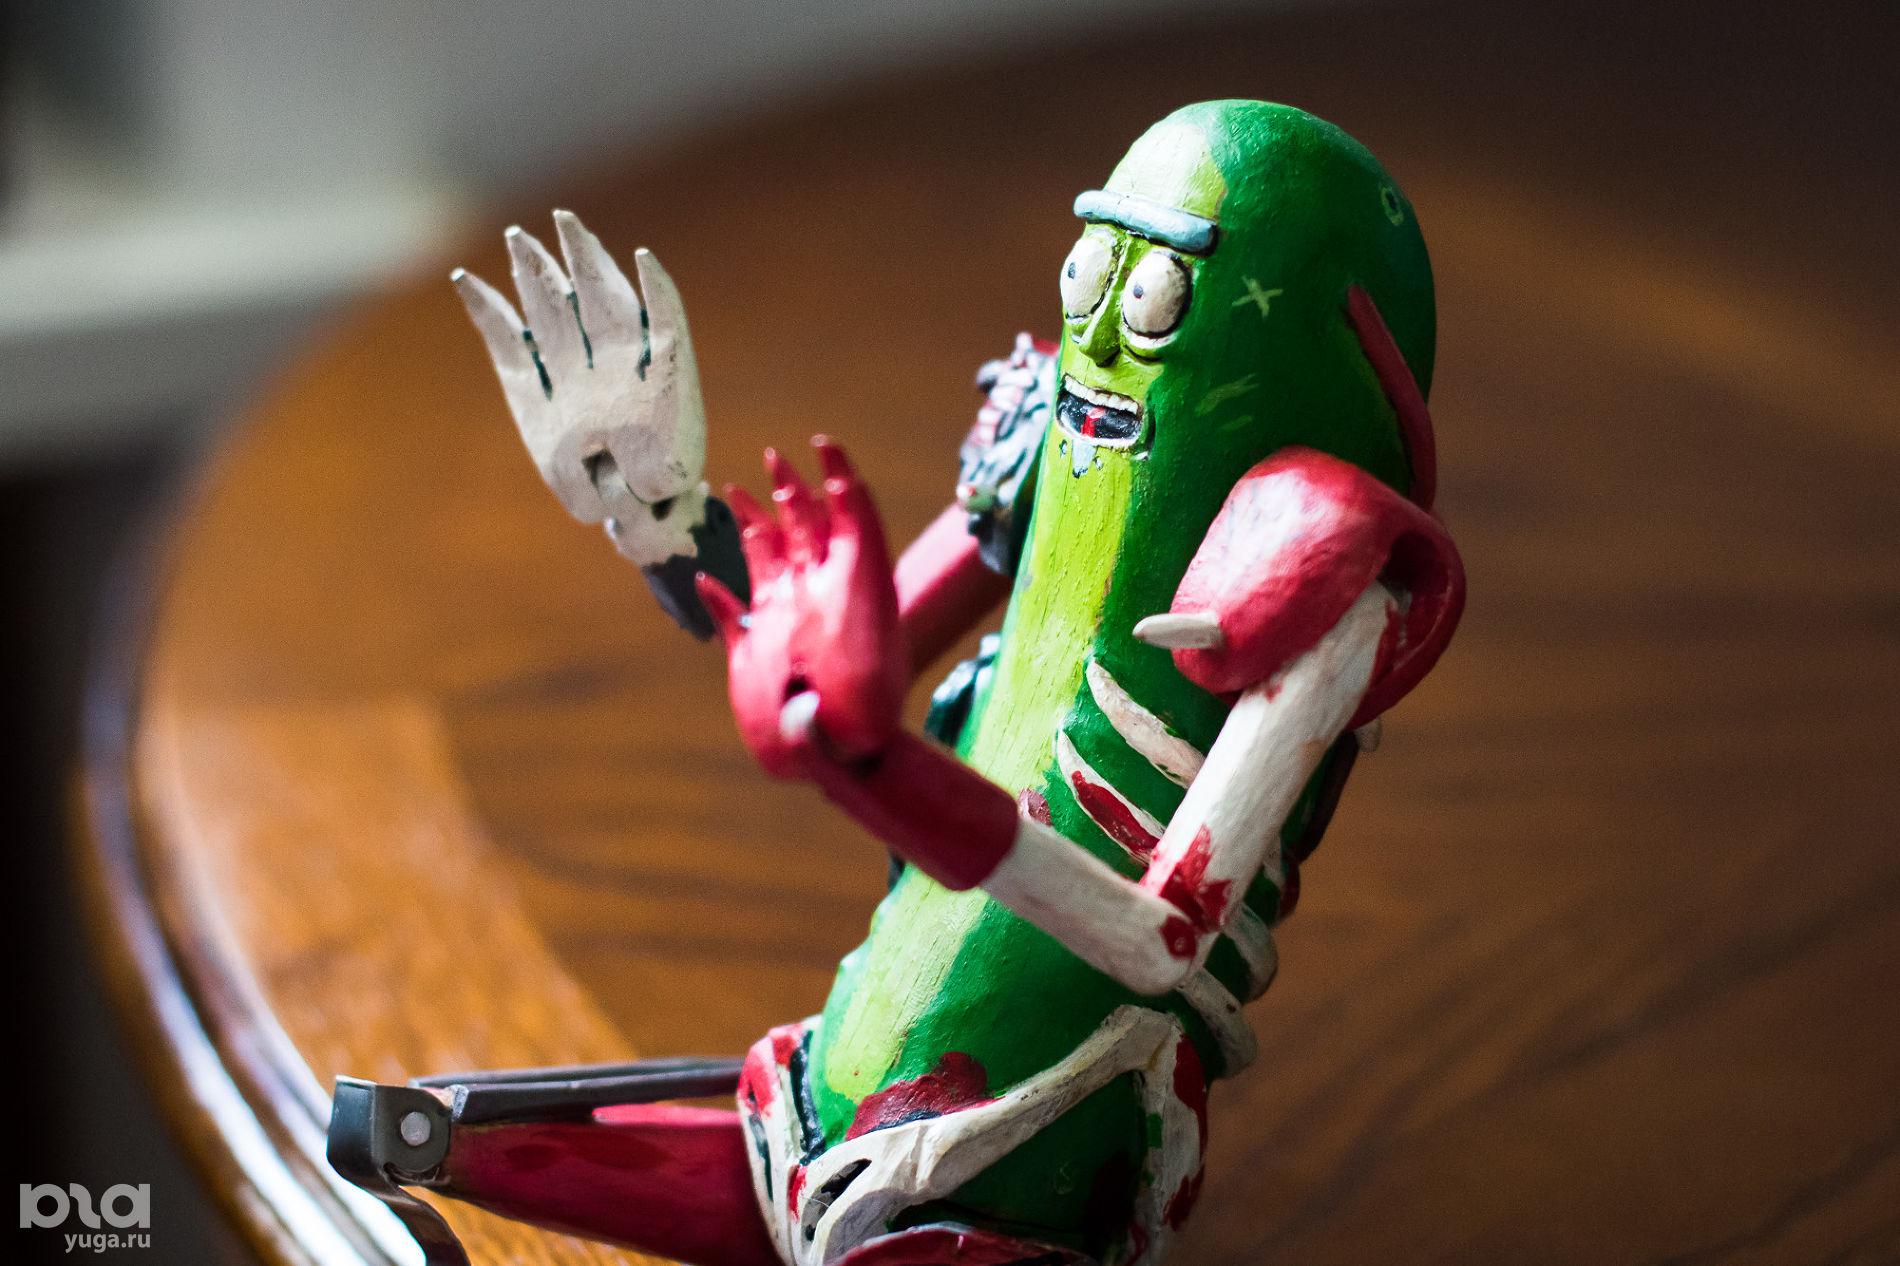 Пикл Рик. Интересная профессия: кукольник Николай Стежкин ©Фото Елены Синеок, Юга.ру